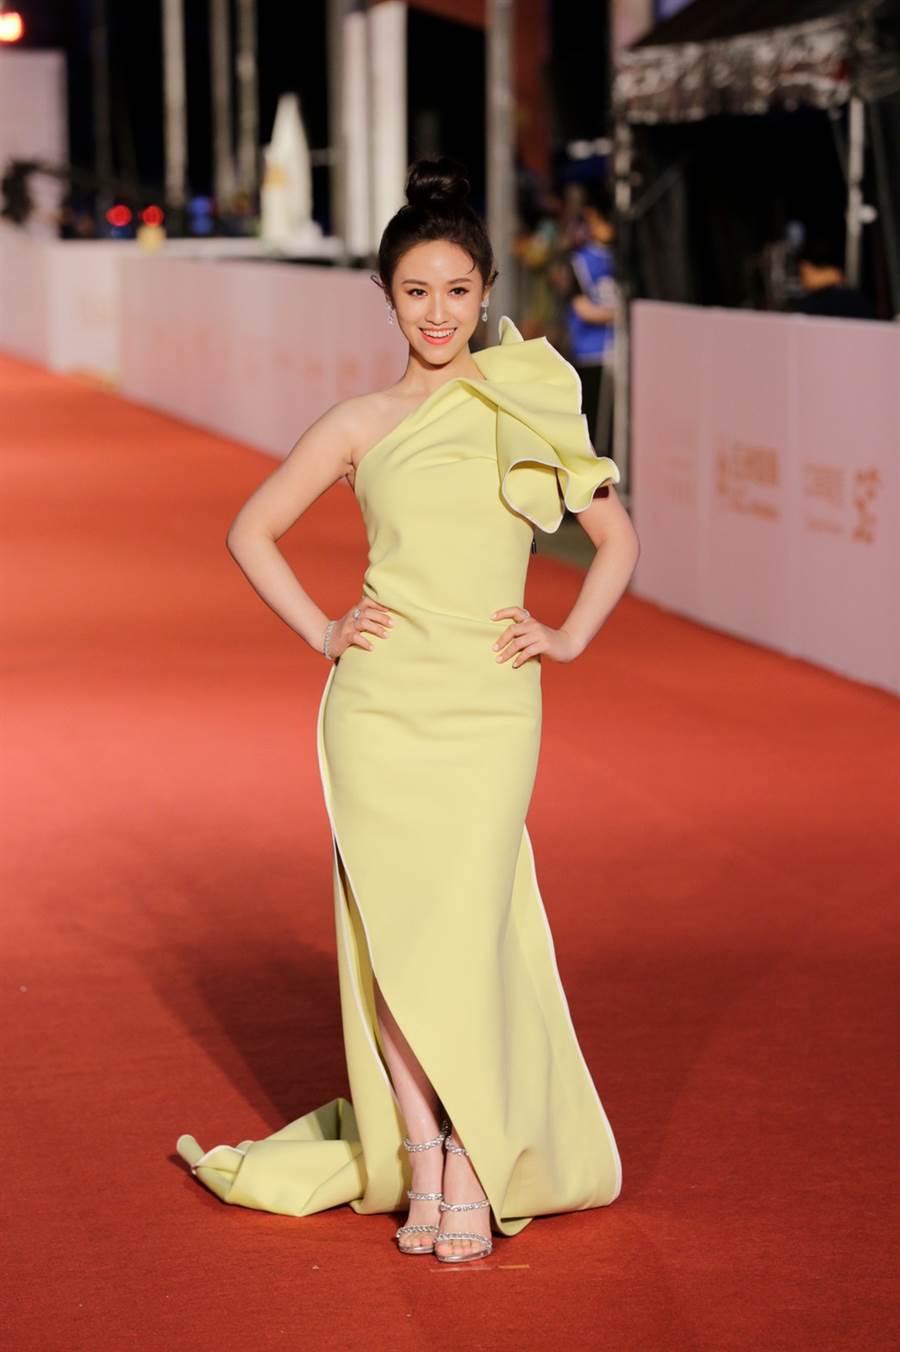 吳姍儒一席鵝黃修身的長襬禮服,綻放含蓄莊重的女神之美。(圖/廖映翔攝)